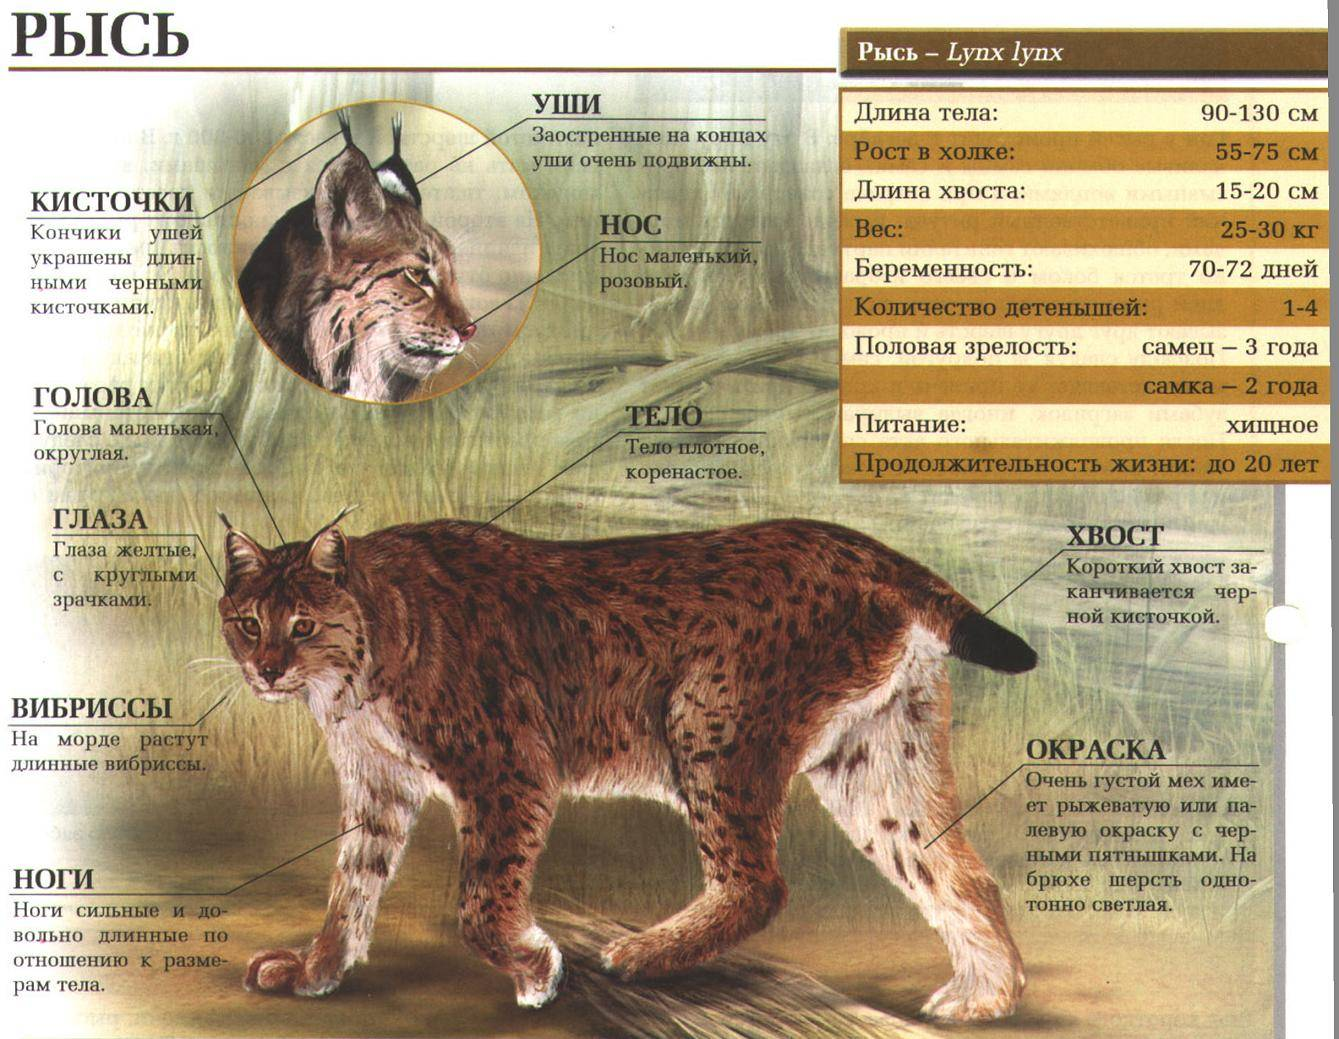 Чем привлекательна загадочная бомбейская кошка – миниатюрная пантера - мир кошек